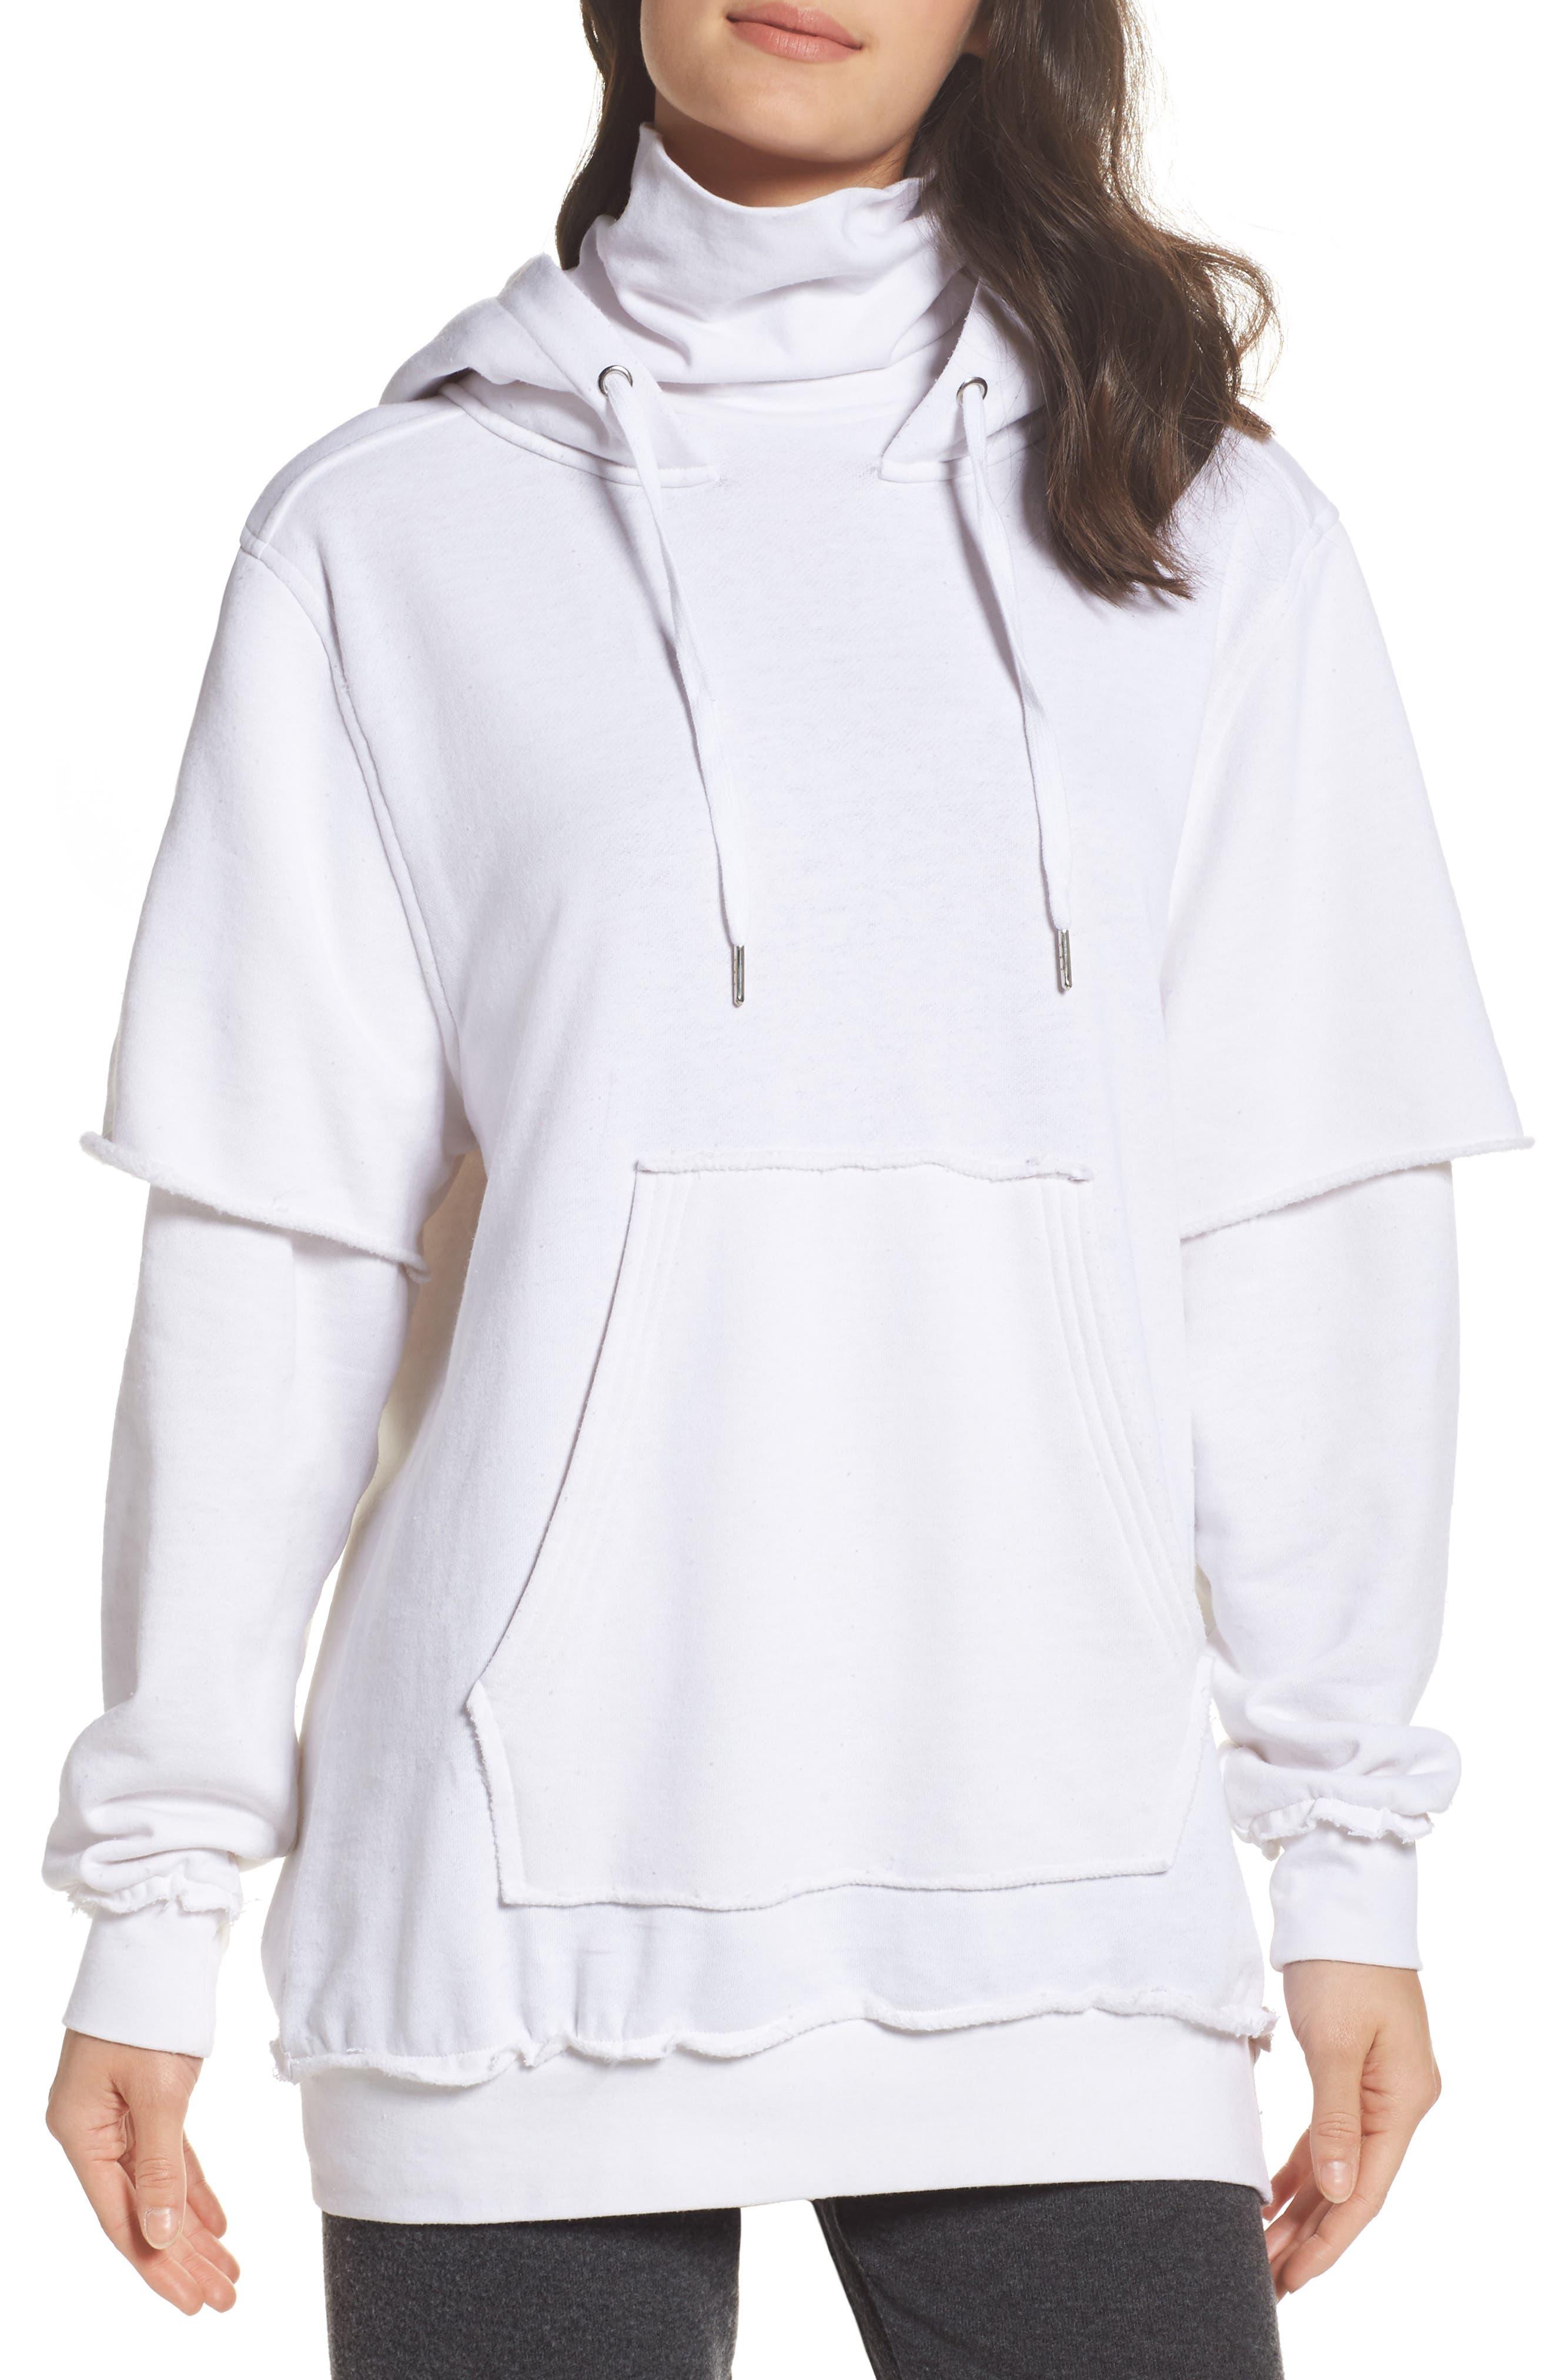 Good Hood Sweatshirt Dress,                             Main thumbnail 1, color,                             White